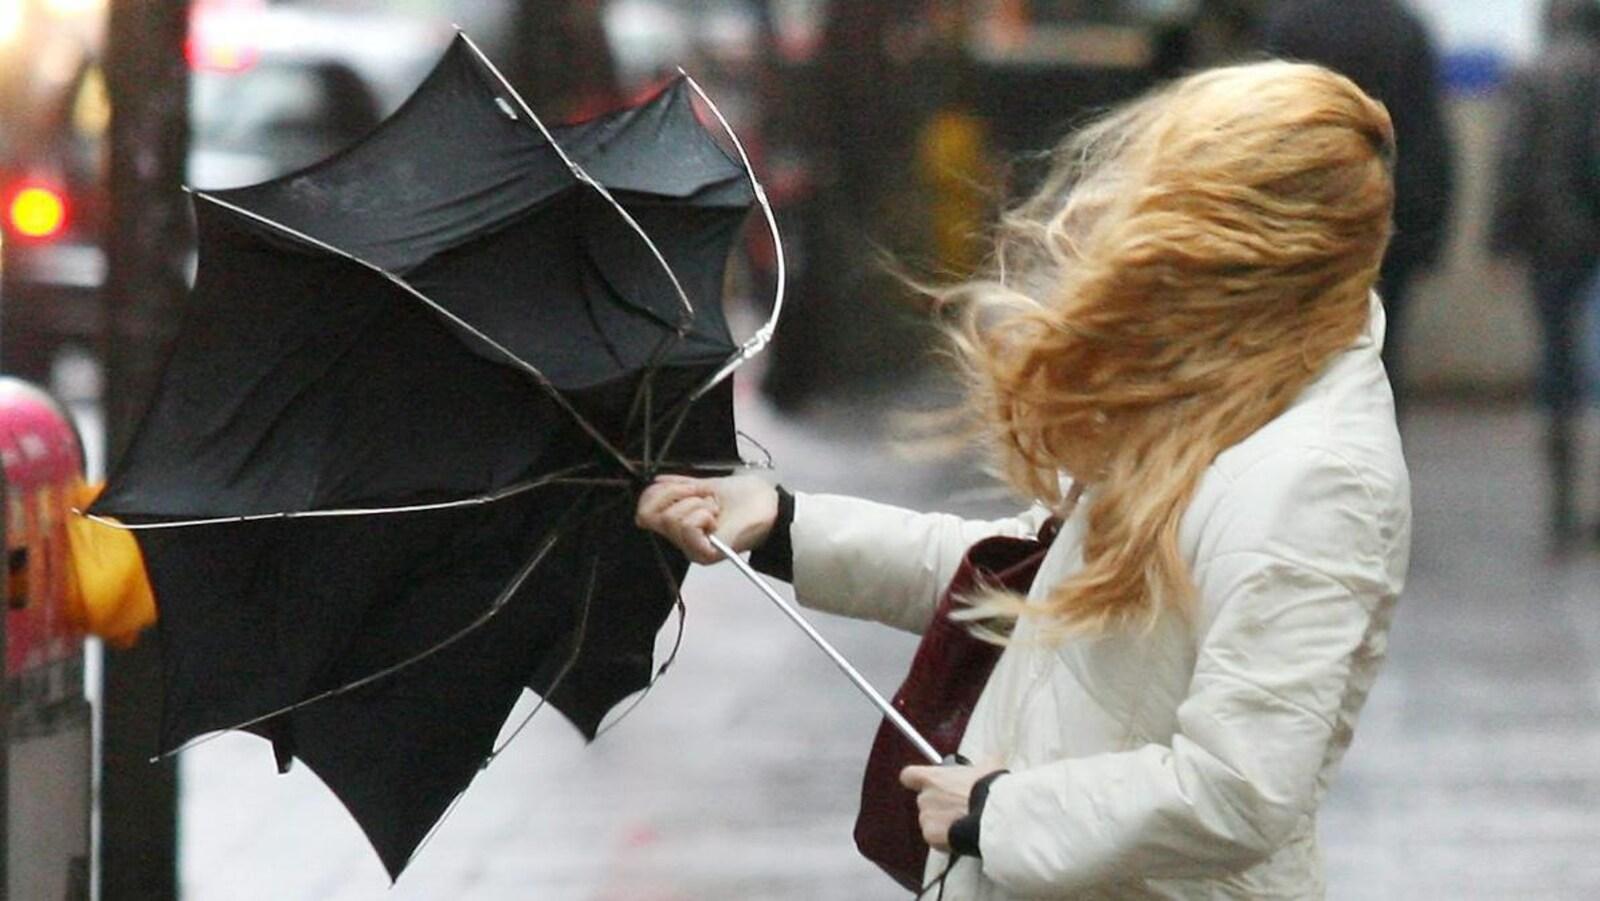 Une femme aux cheveux emportés par le vent a du mal à tenir son parapluie.